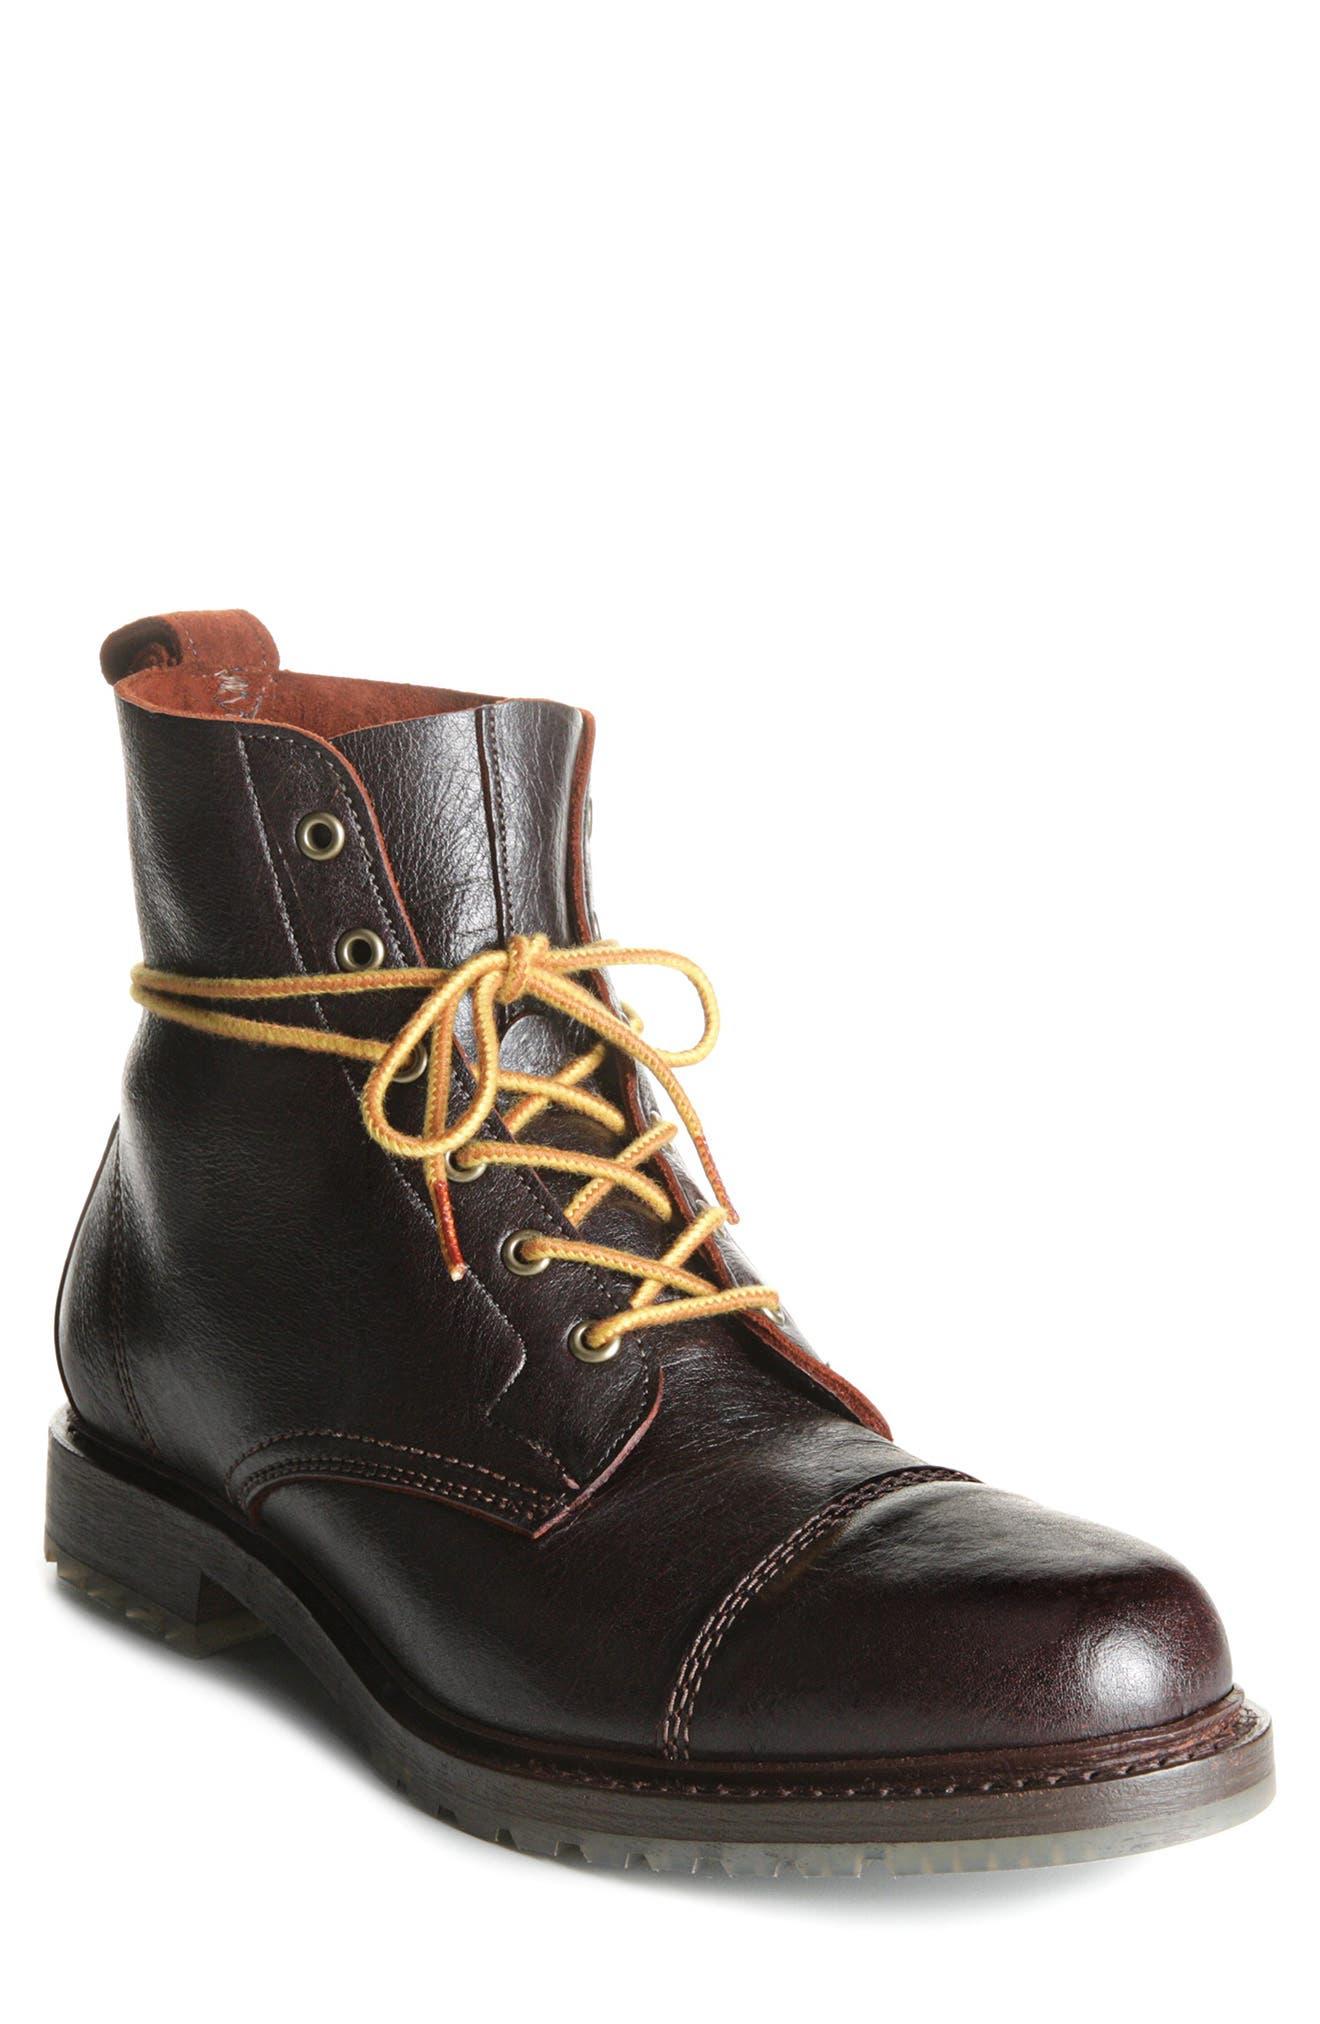 Normandy Cap Toe Boot